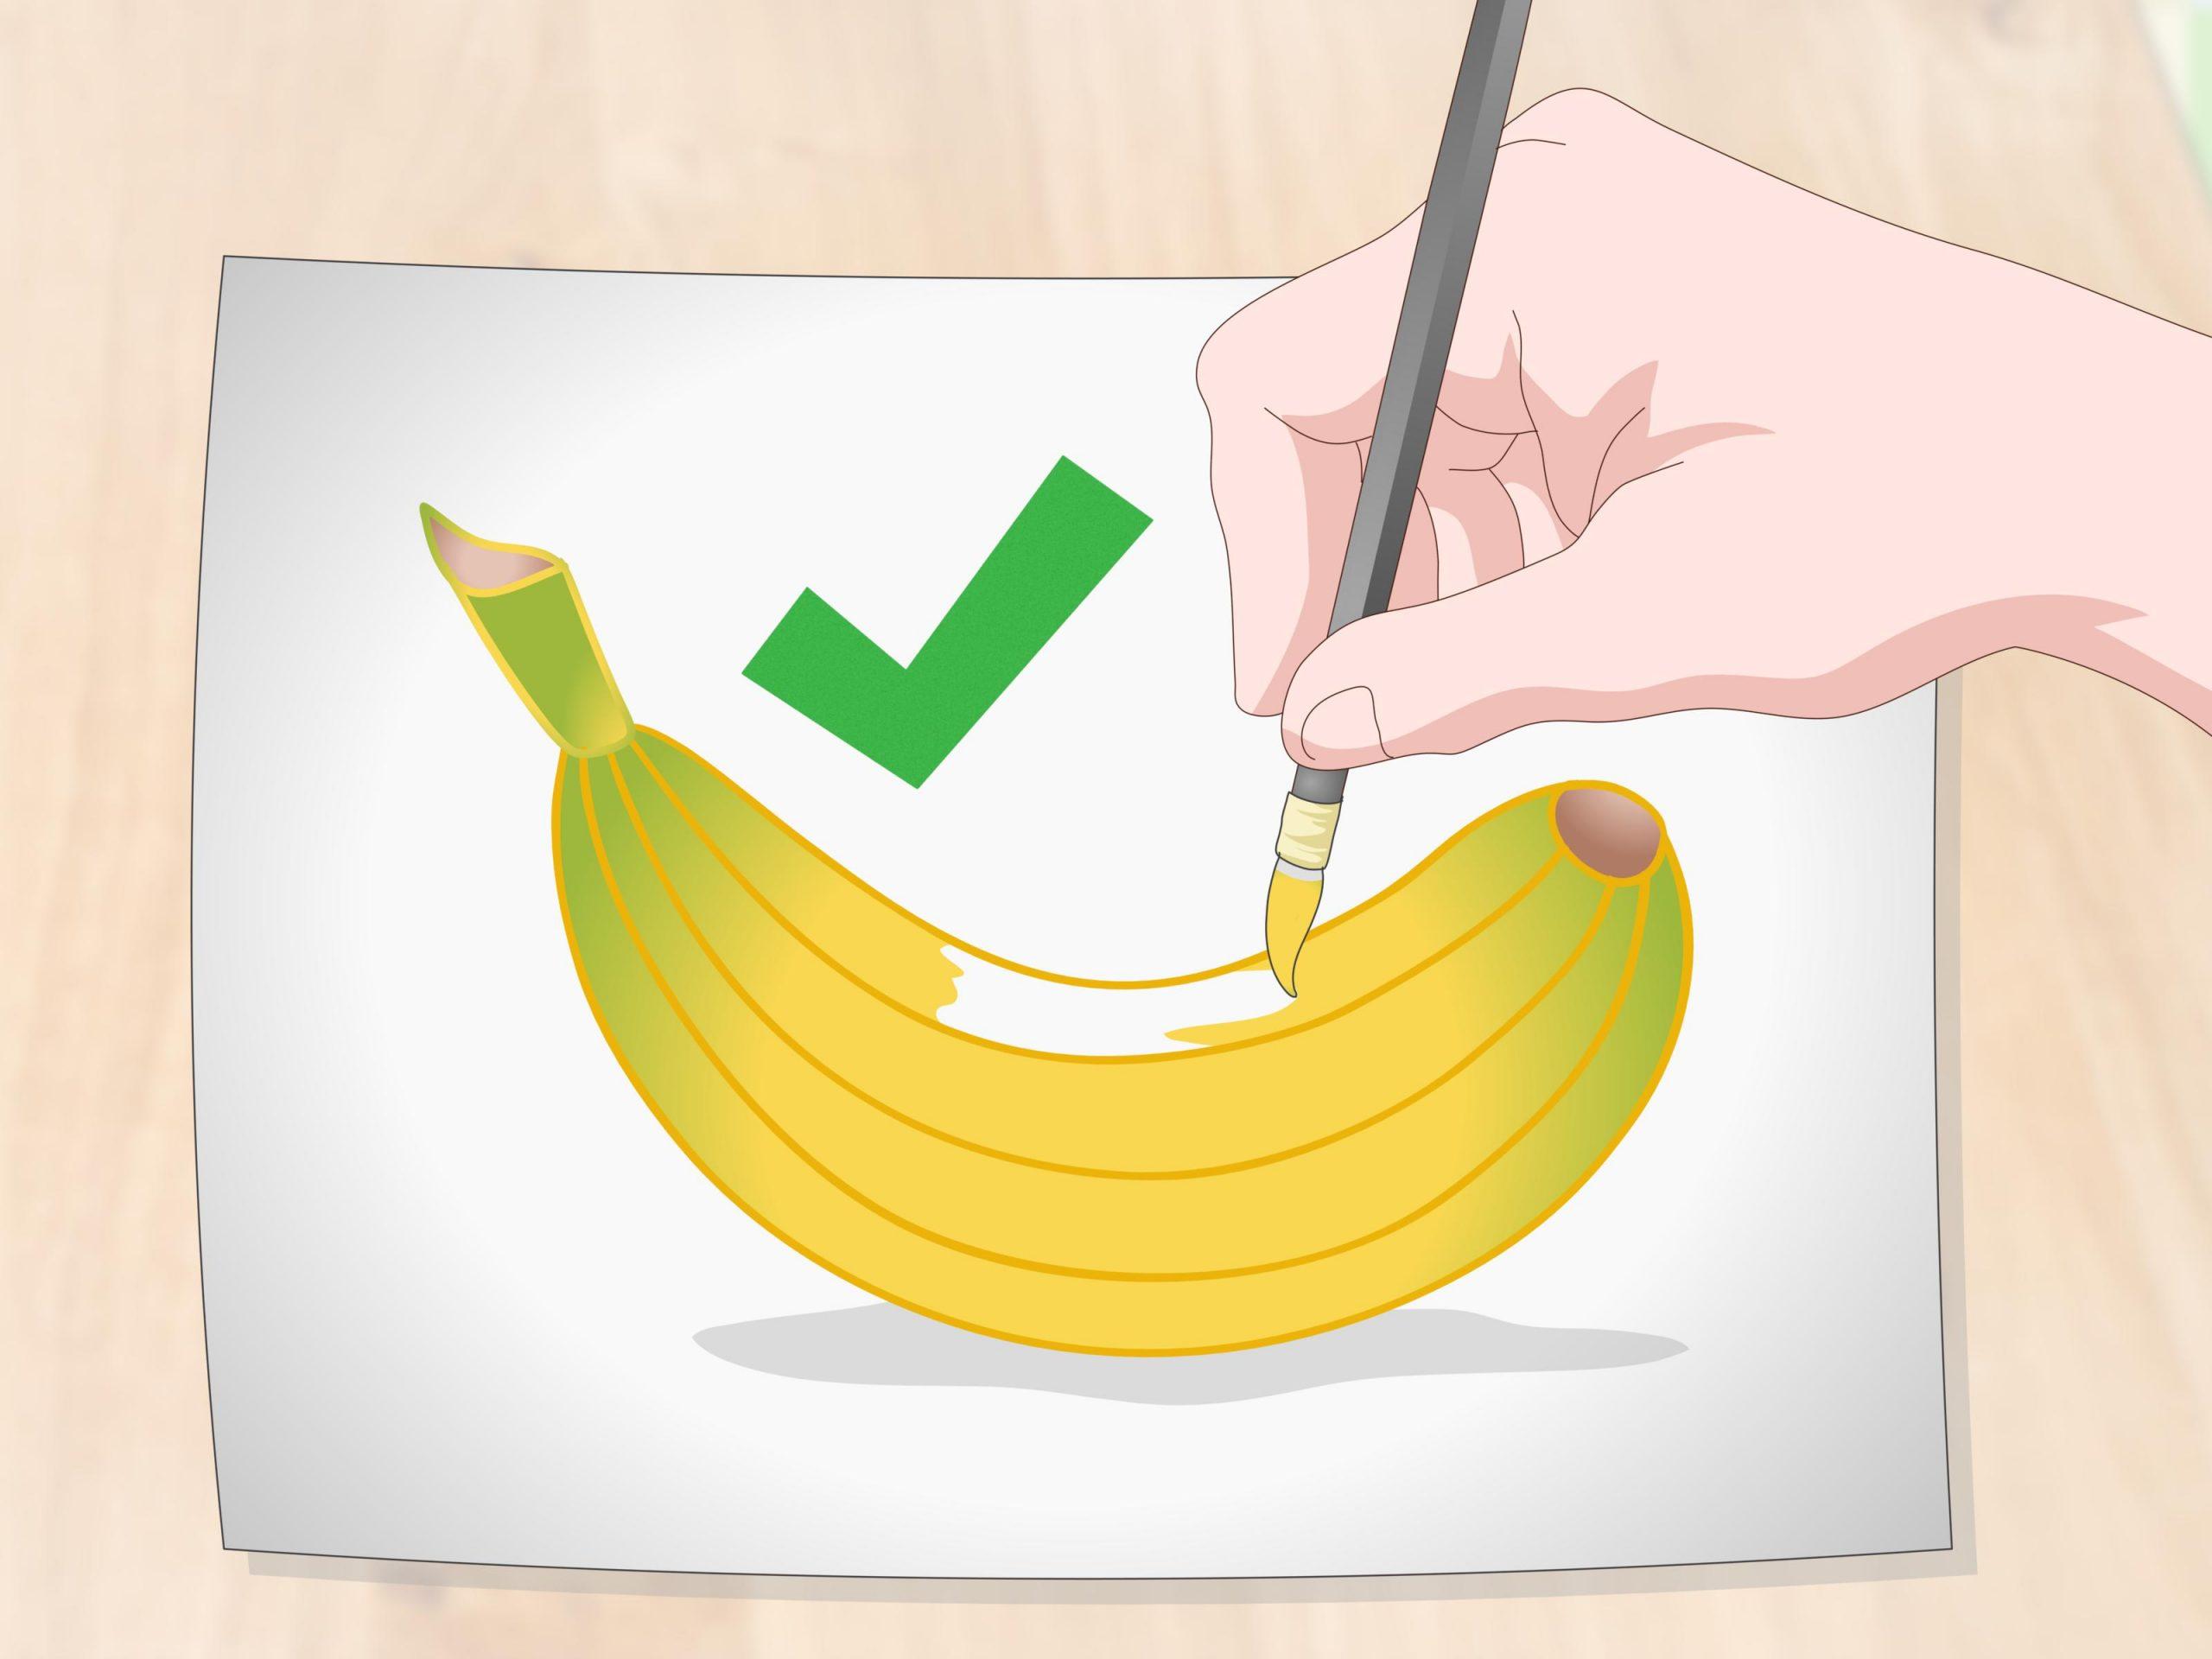 Comment Dessiner Une Banane: 10 Étapes (Avec Images) destiné Dessiner Une Banane